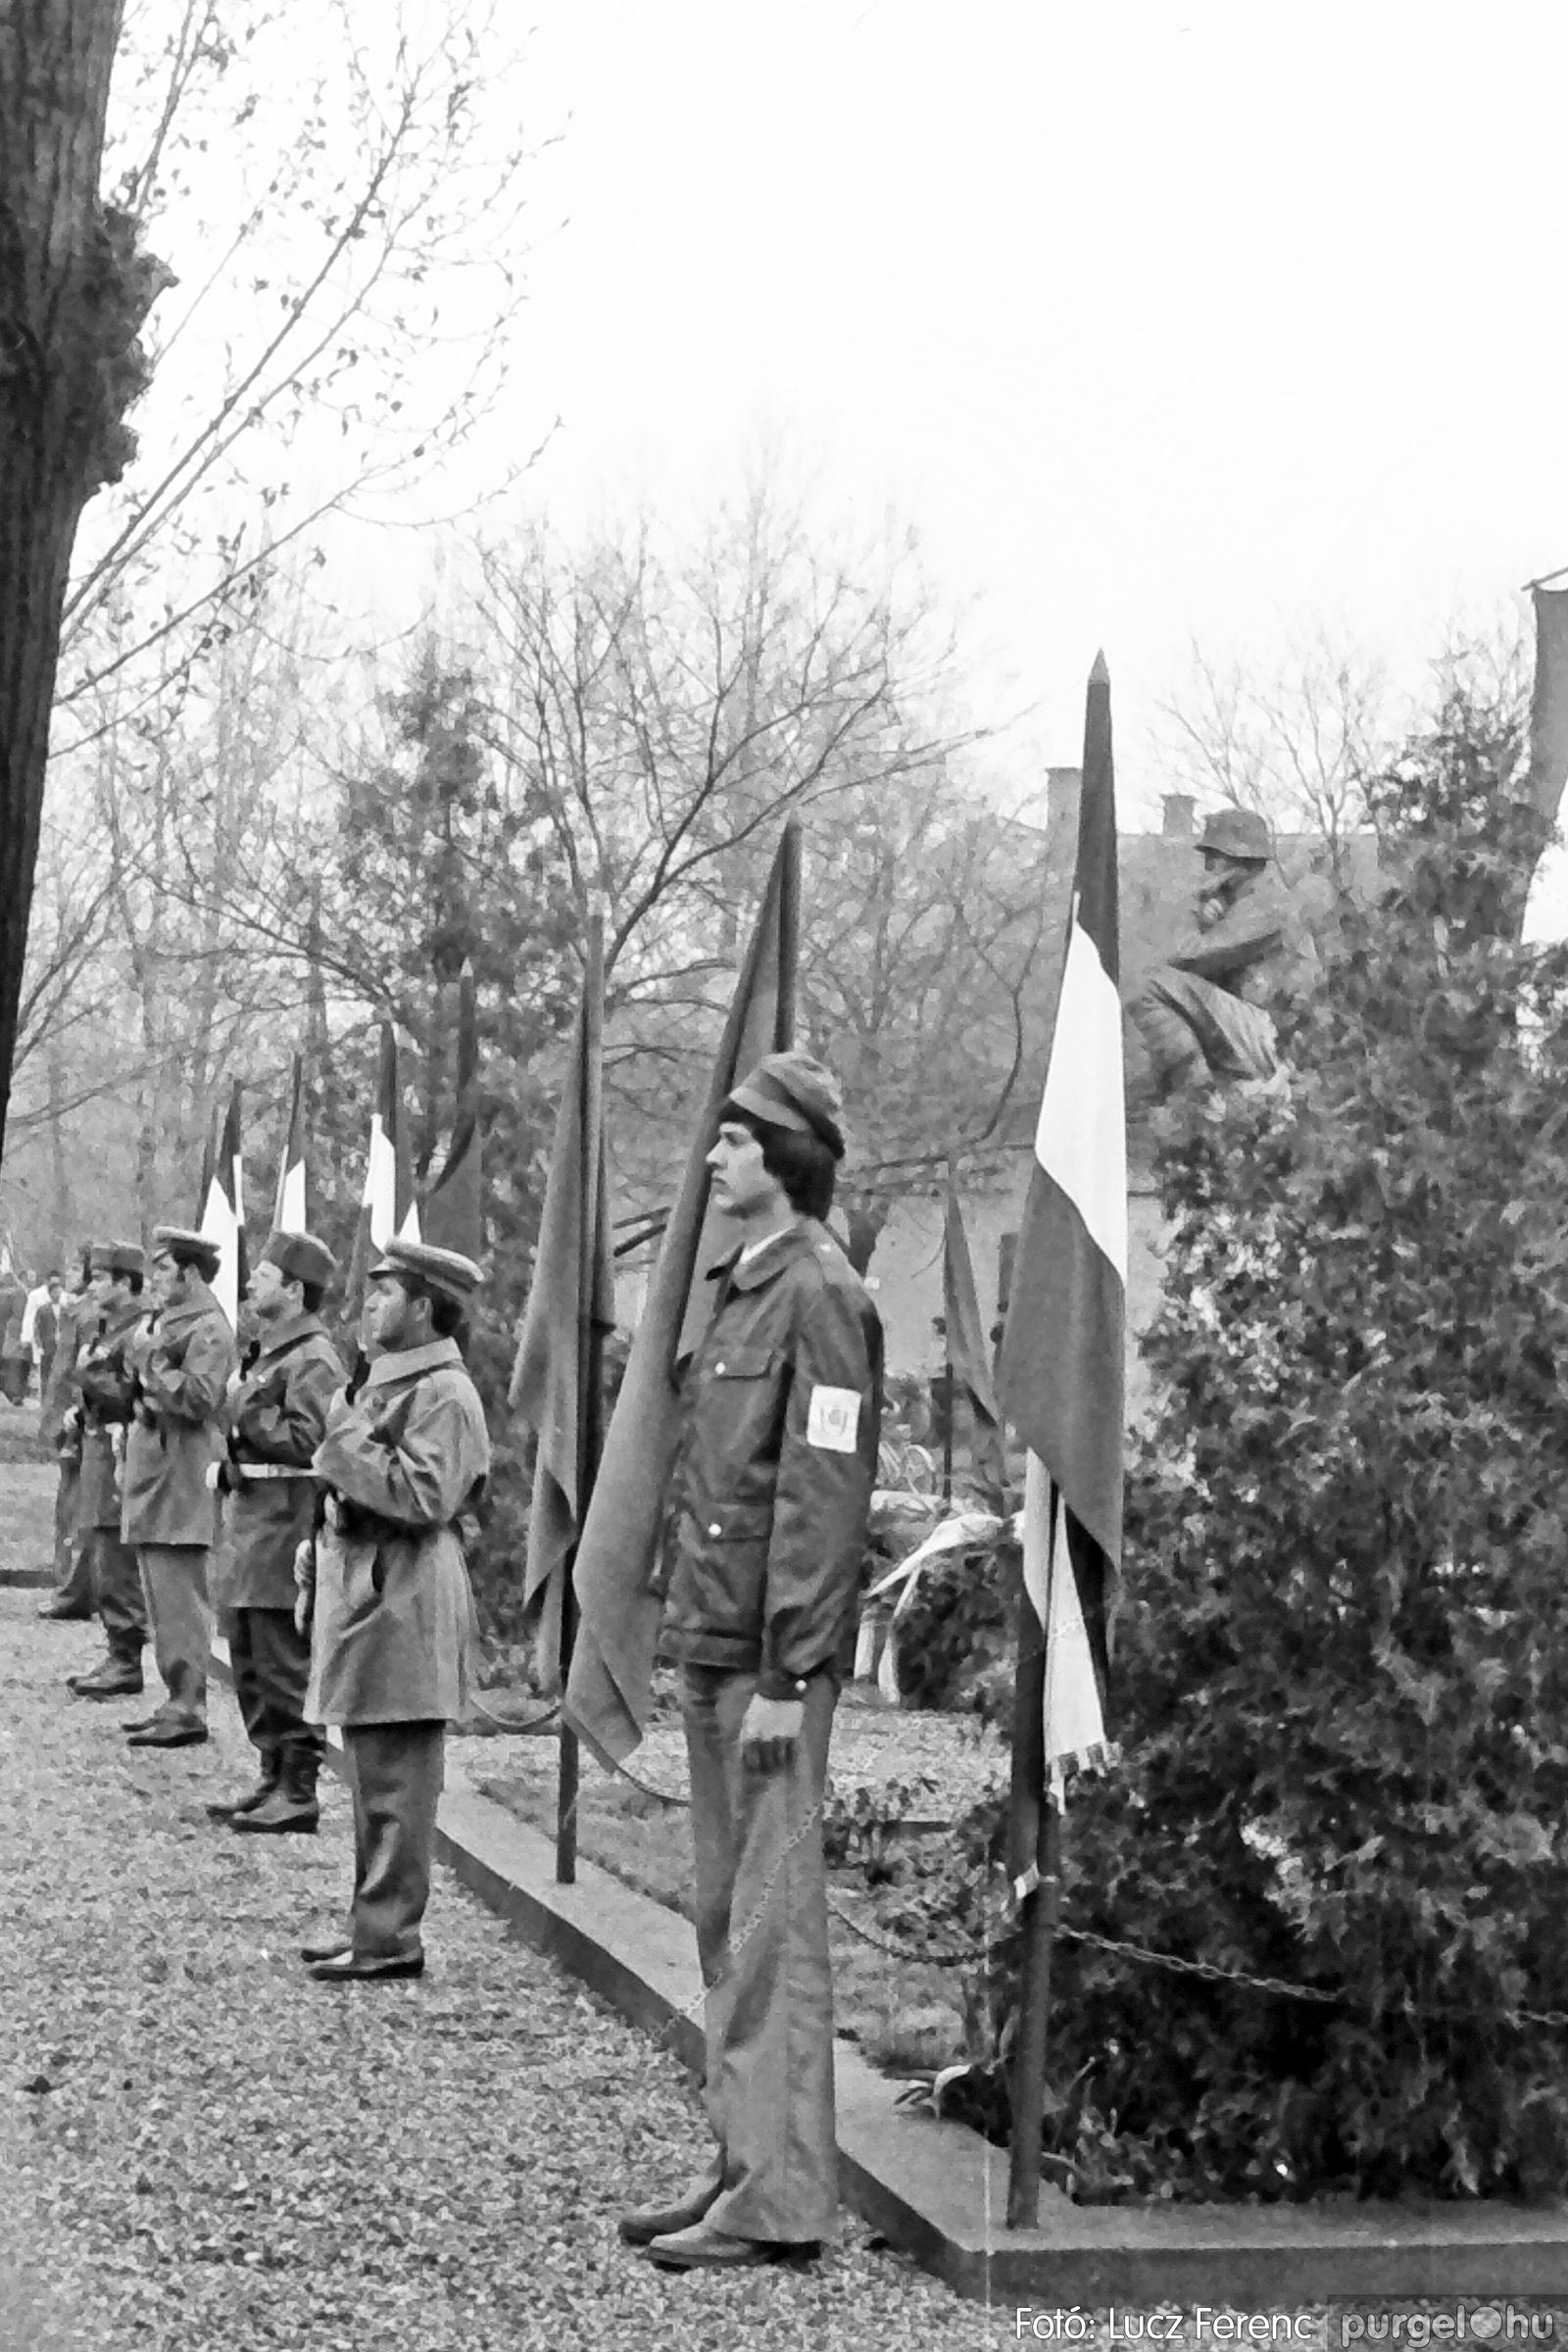 078. 1977.04.04. Április 4-i ünnepség 011. - Fotó: Lucz Ferenc.jpg